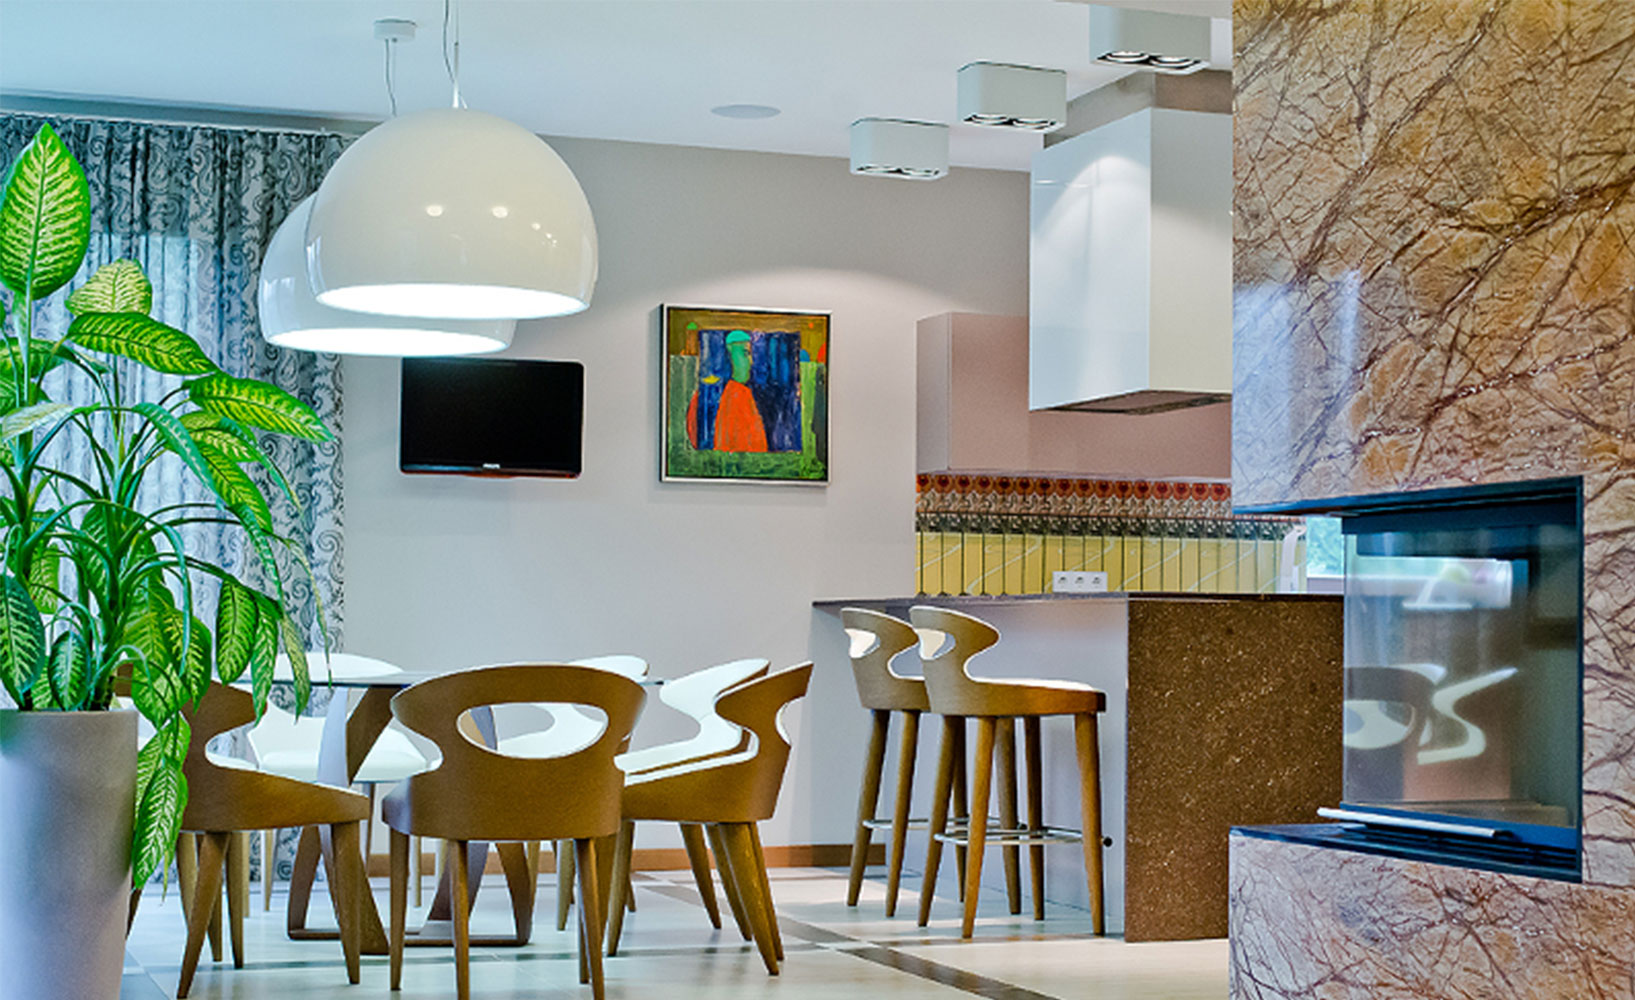 beautiful einfache dekoration und mobel atmosphaerisch indirekte beleuchtung #1: Atmosphärisch ? indirekte Beleuchtung